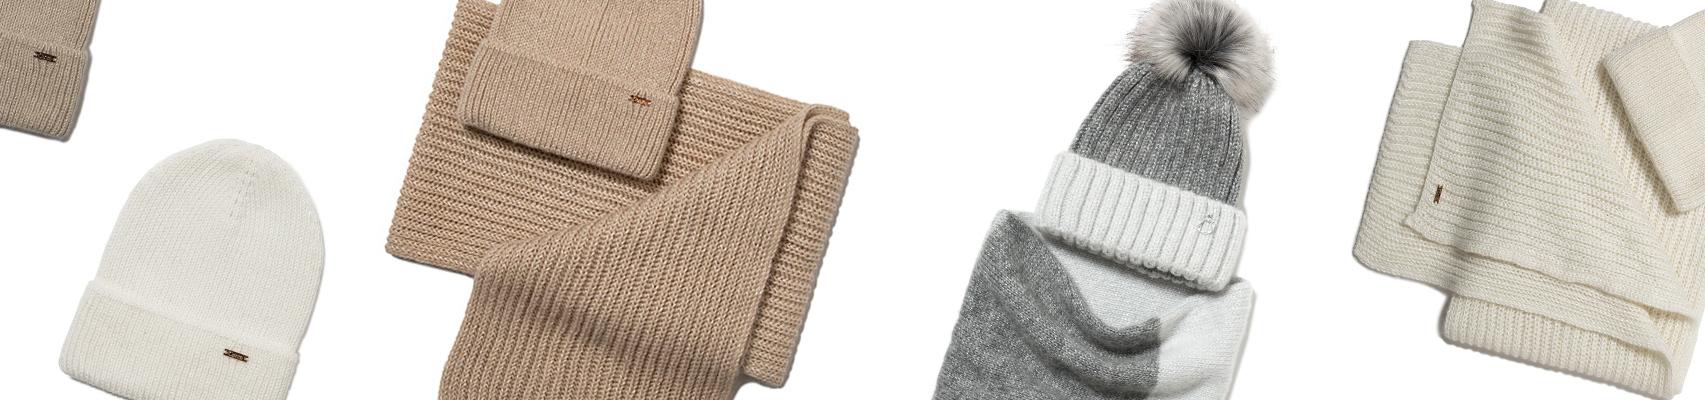 Лимитированная коллекция вязаных шапок и шарфов  от Conte